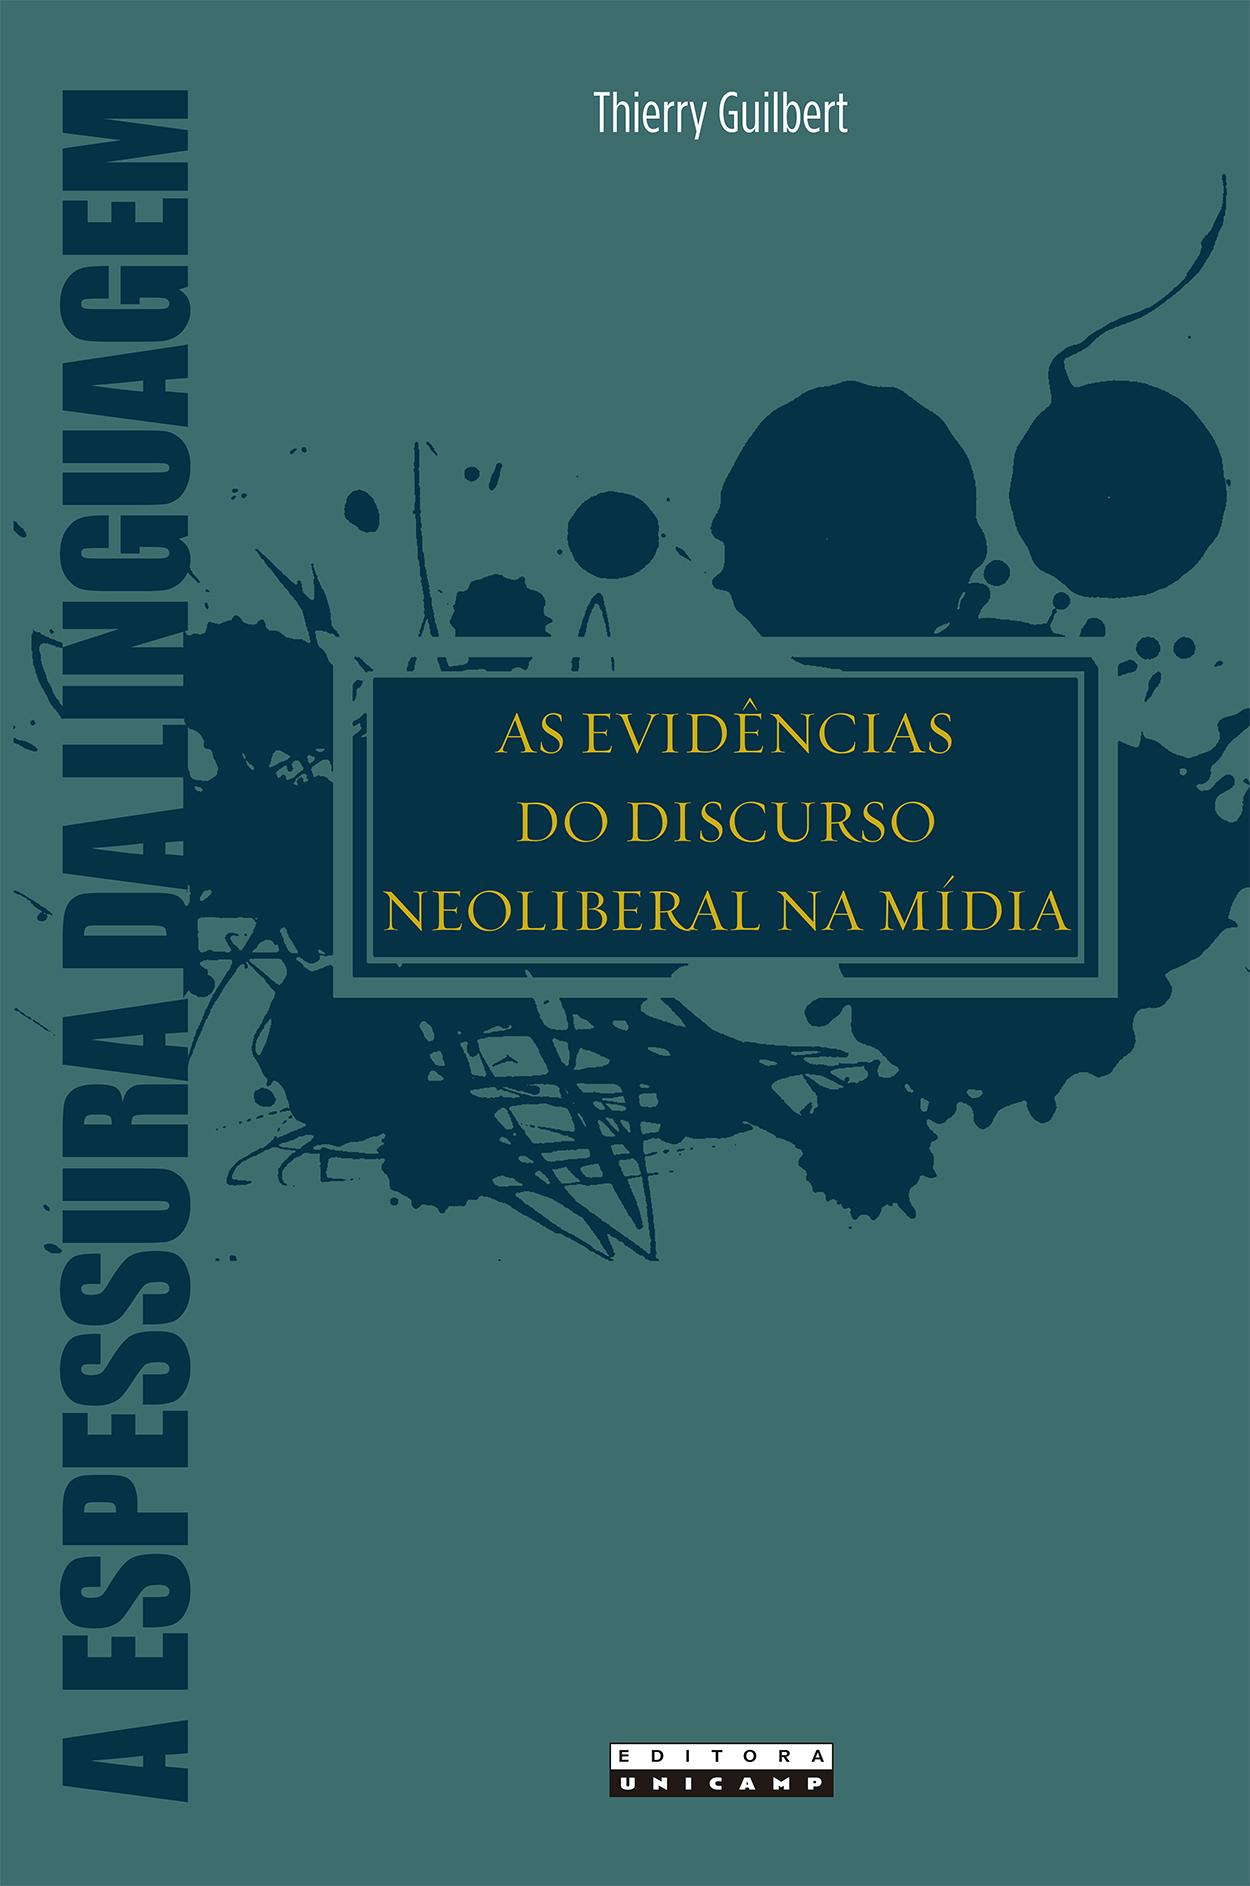 As evidências do discurso neoliberal na mídia, livro de Thierry Guilbert